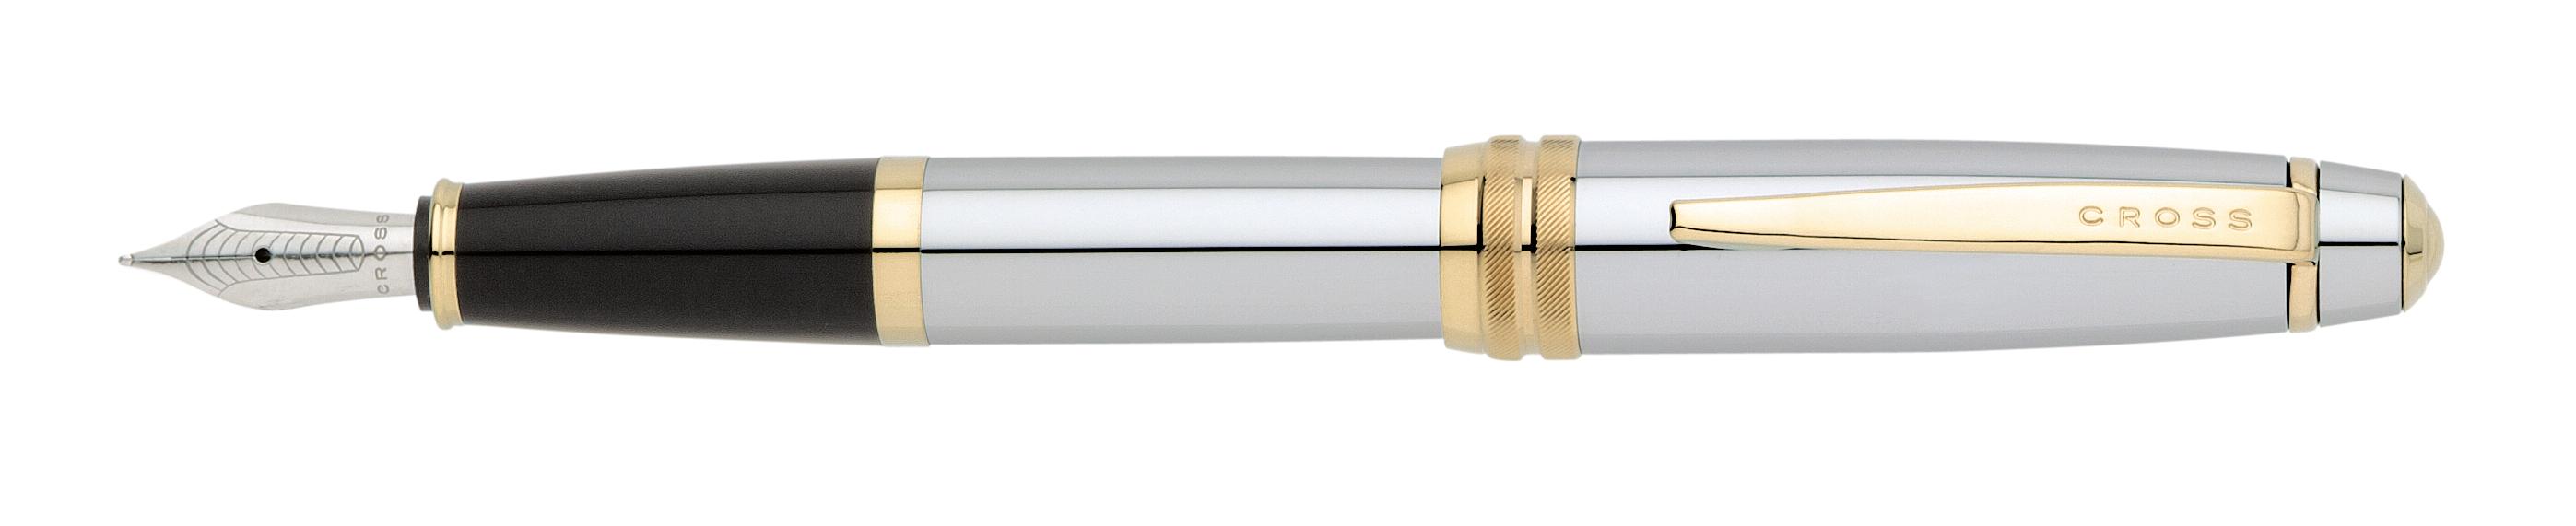 Bailey Medalist Fountain Pen